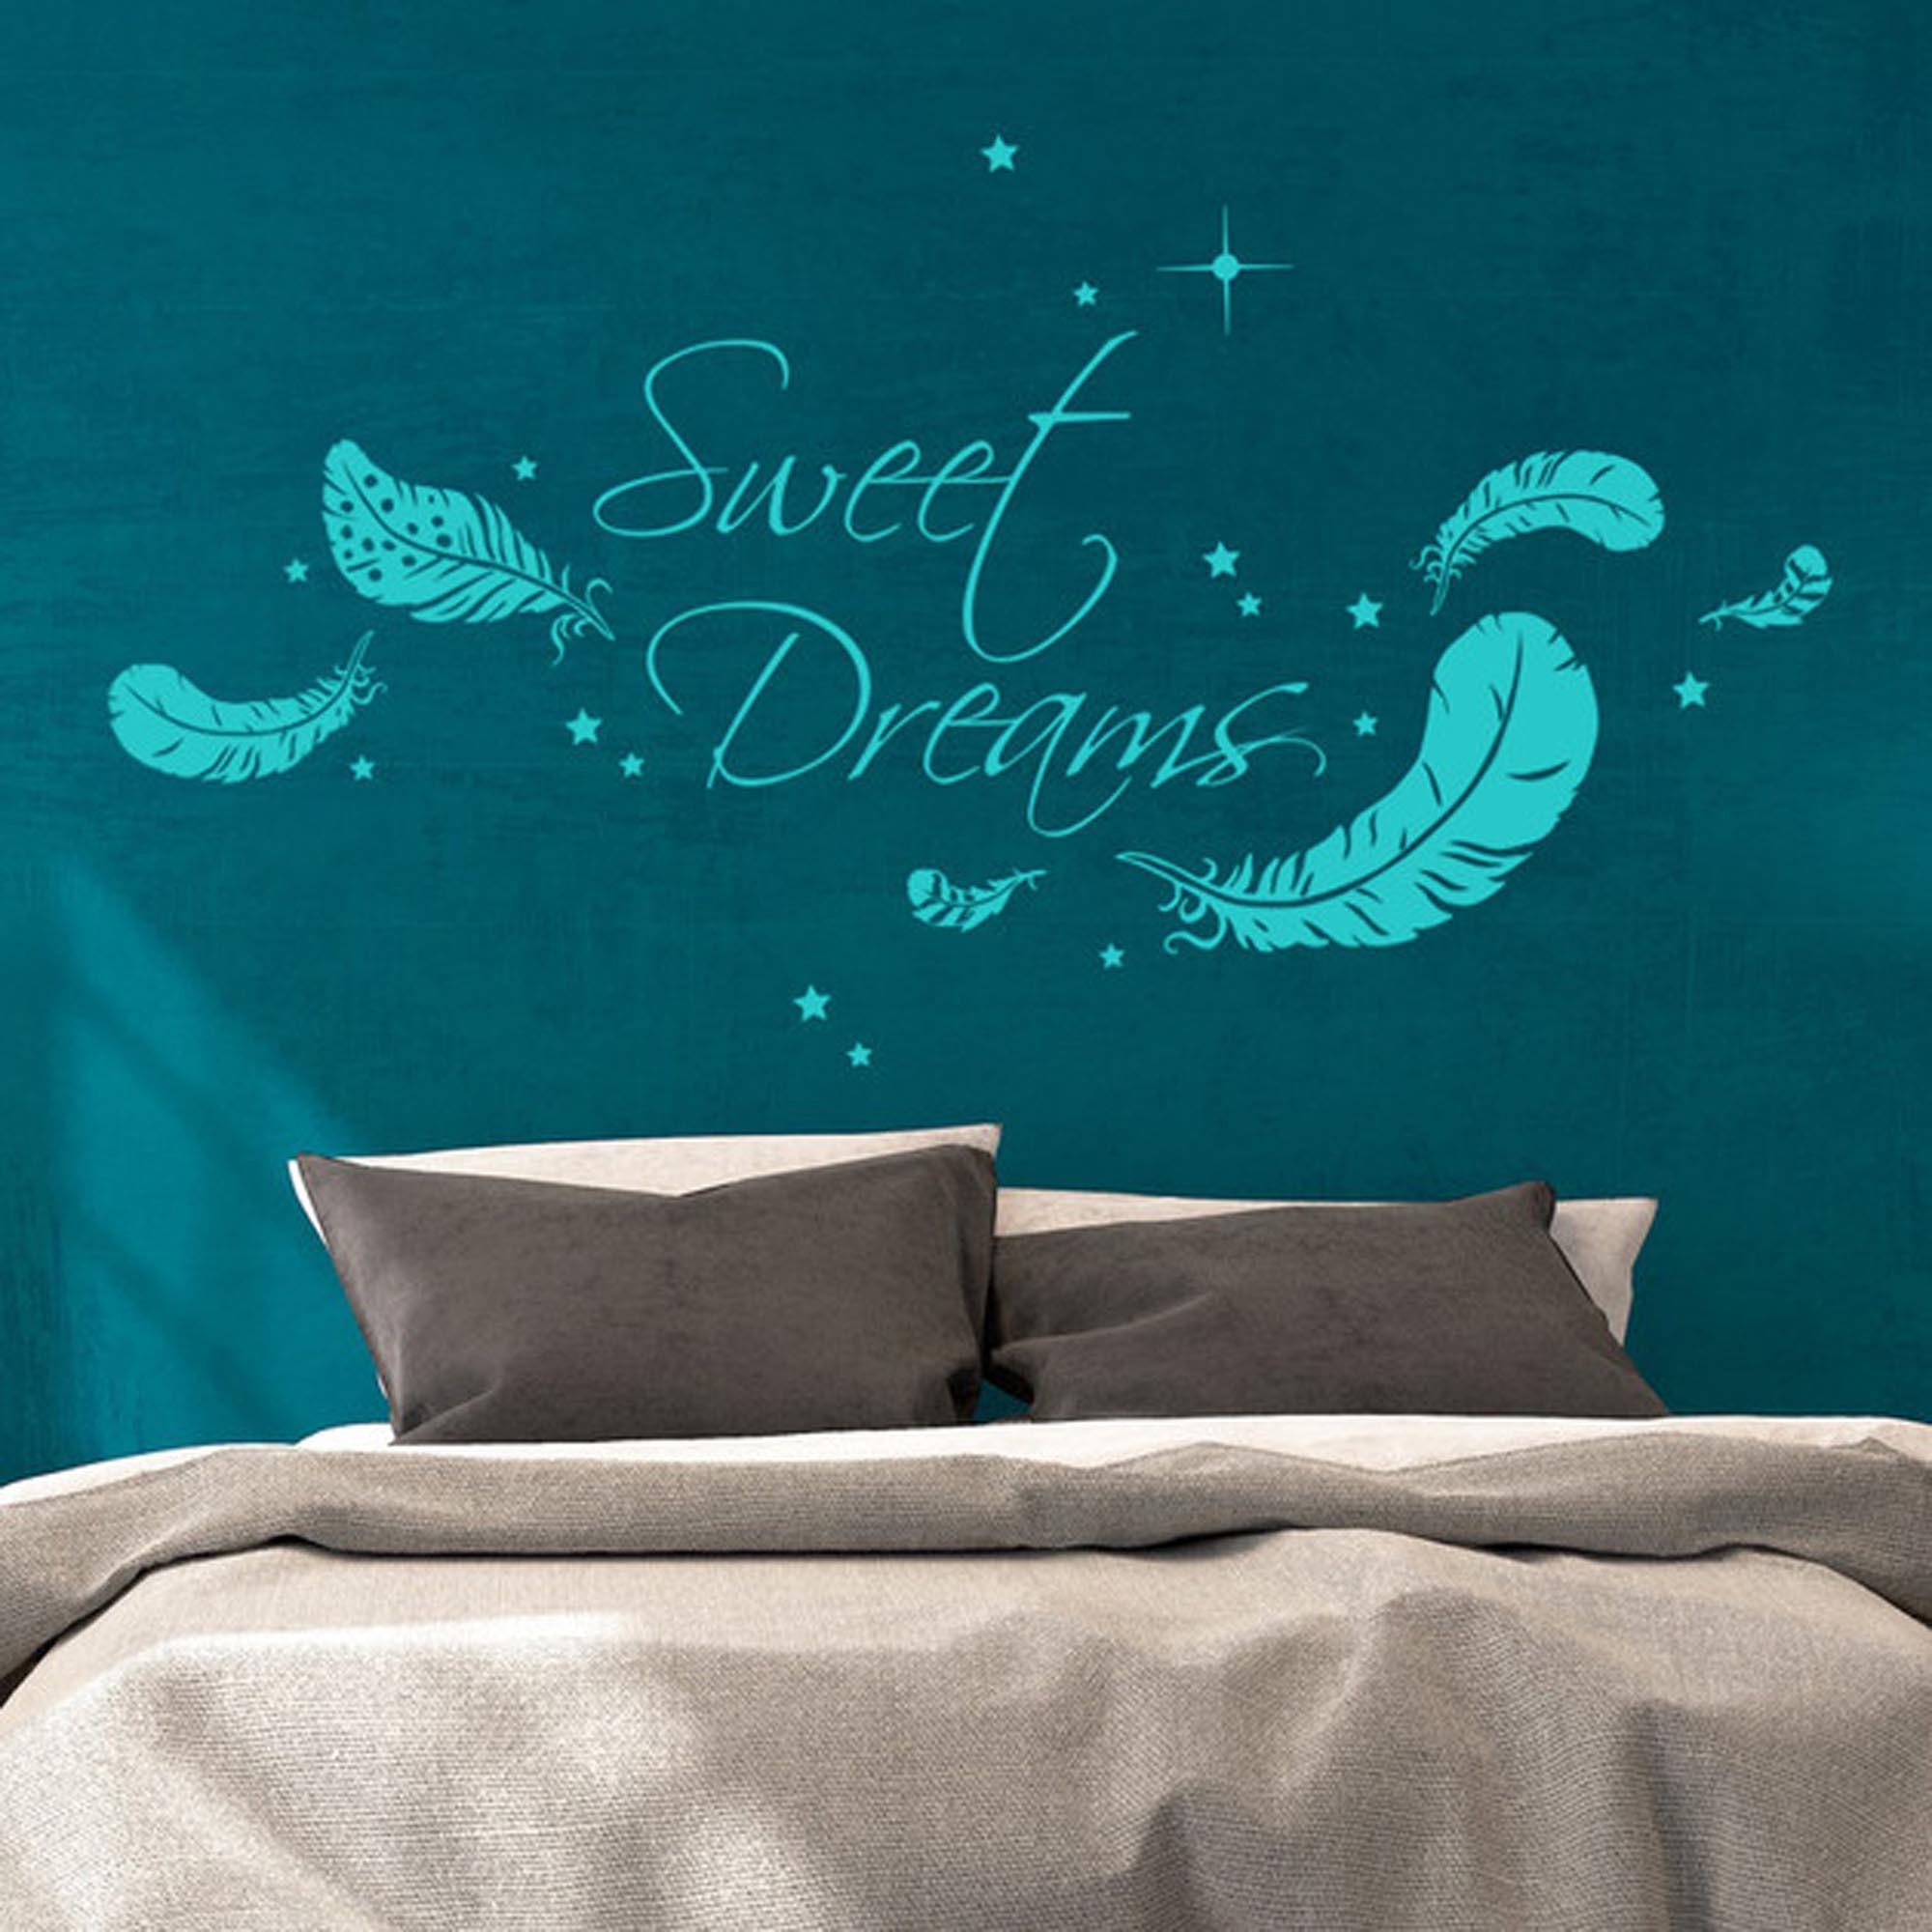 wandtattoo sweet dreams mit federn und sternen m1759. Black Bedroom Furniture Sets. Home Design Ideas